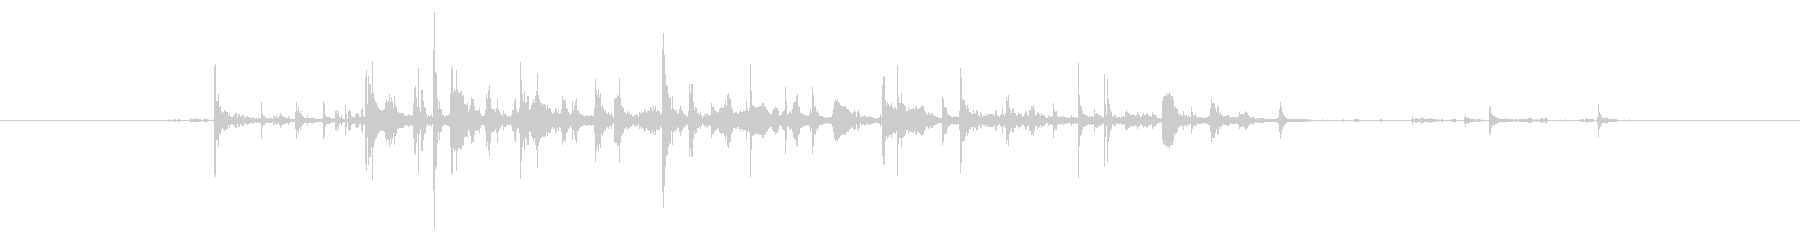 水音43の未再生の波形